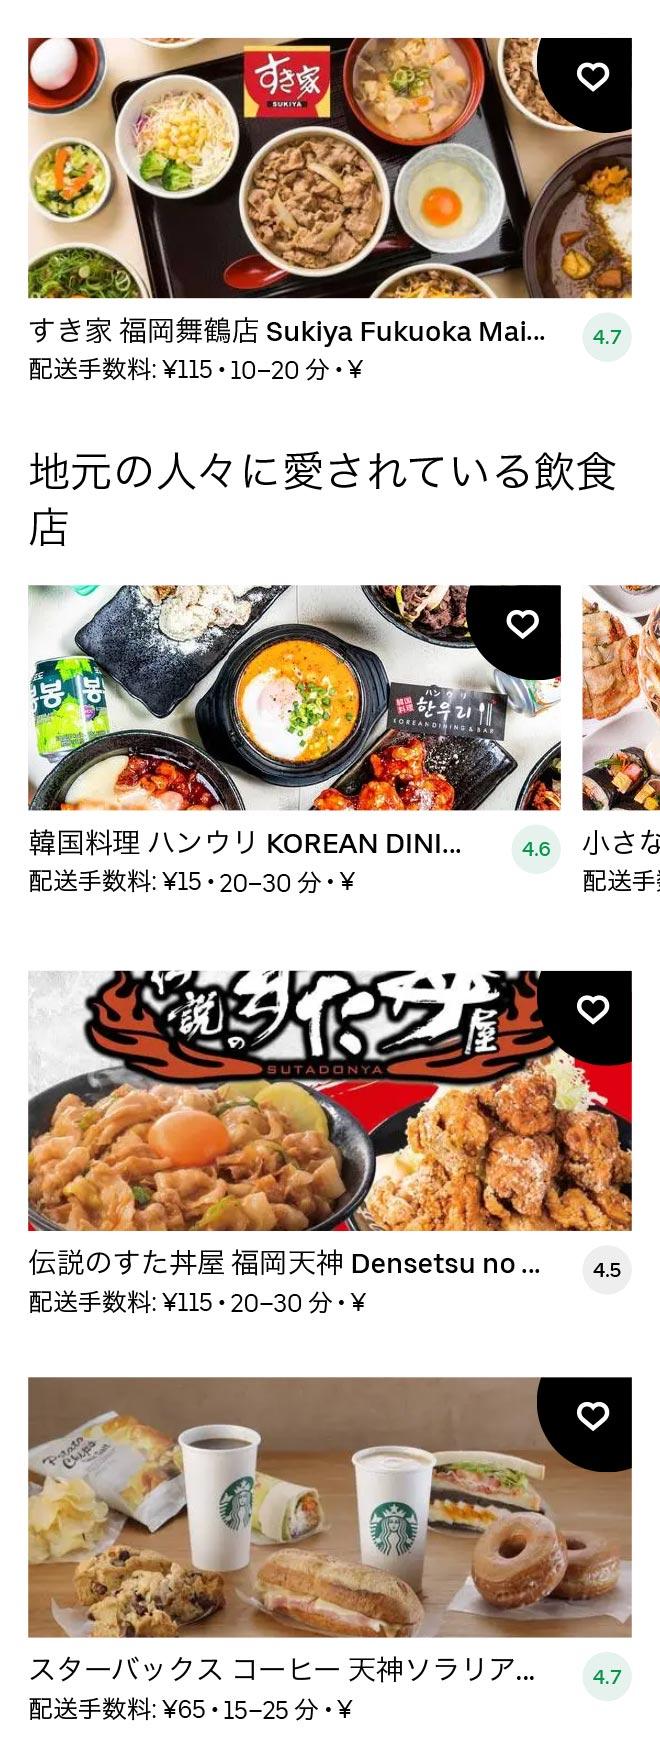 Akasaka menu 2101 02